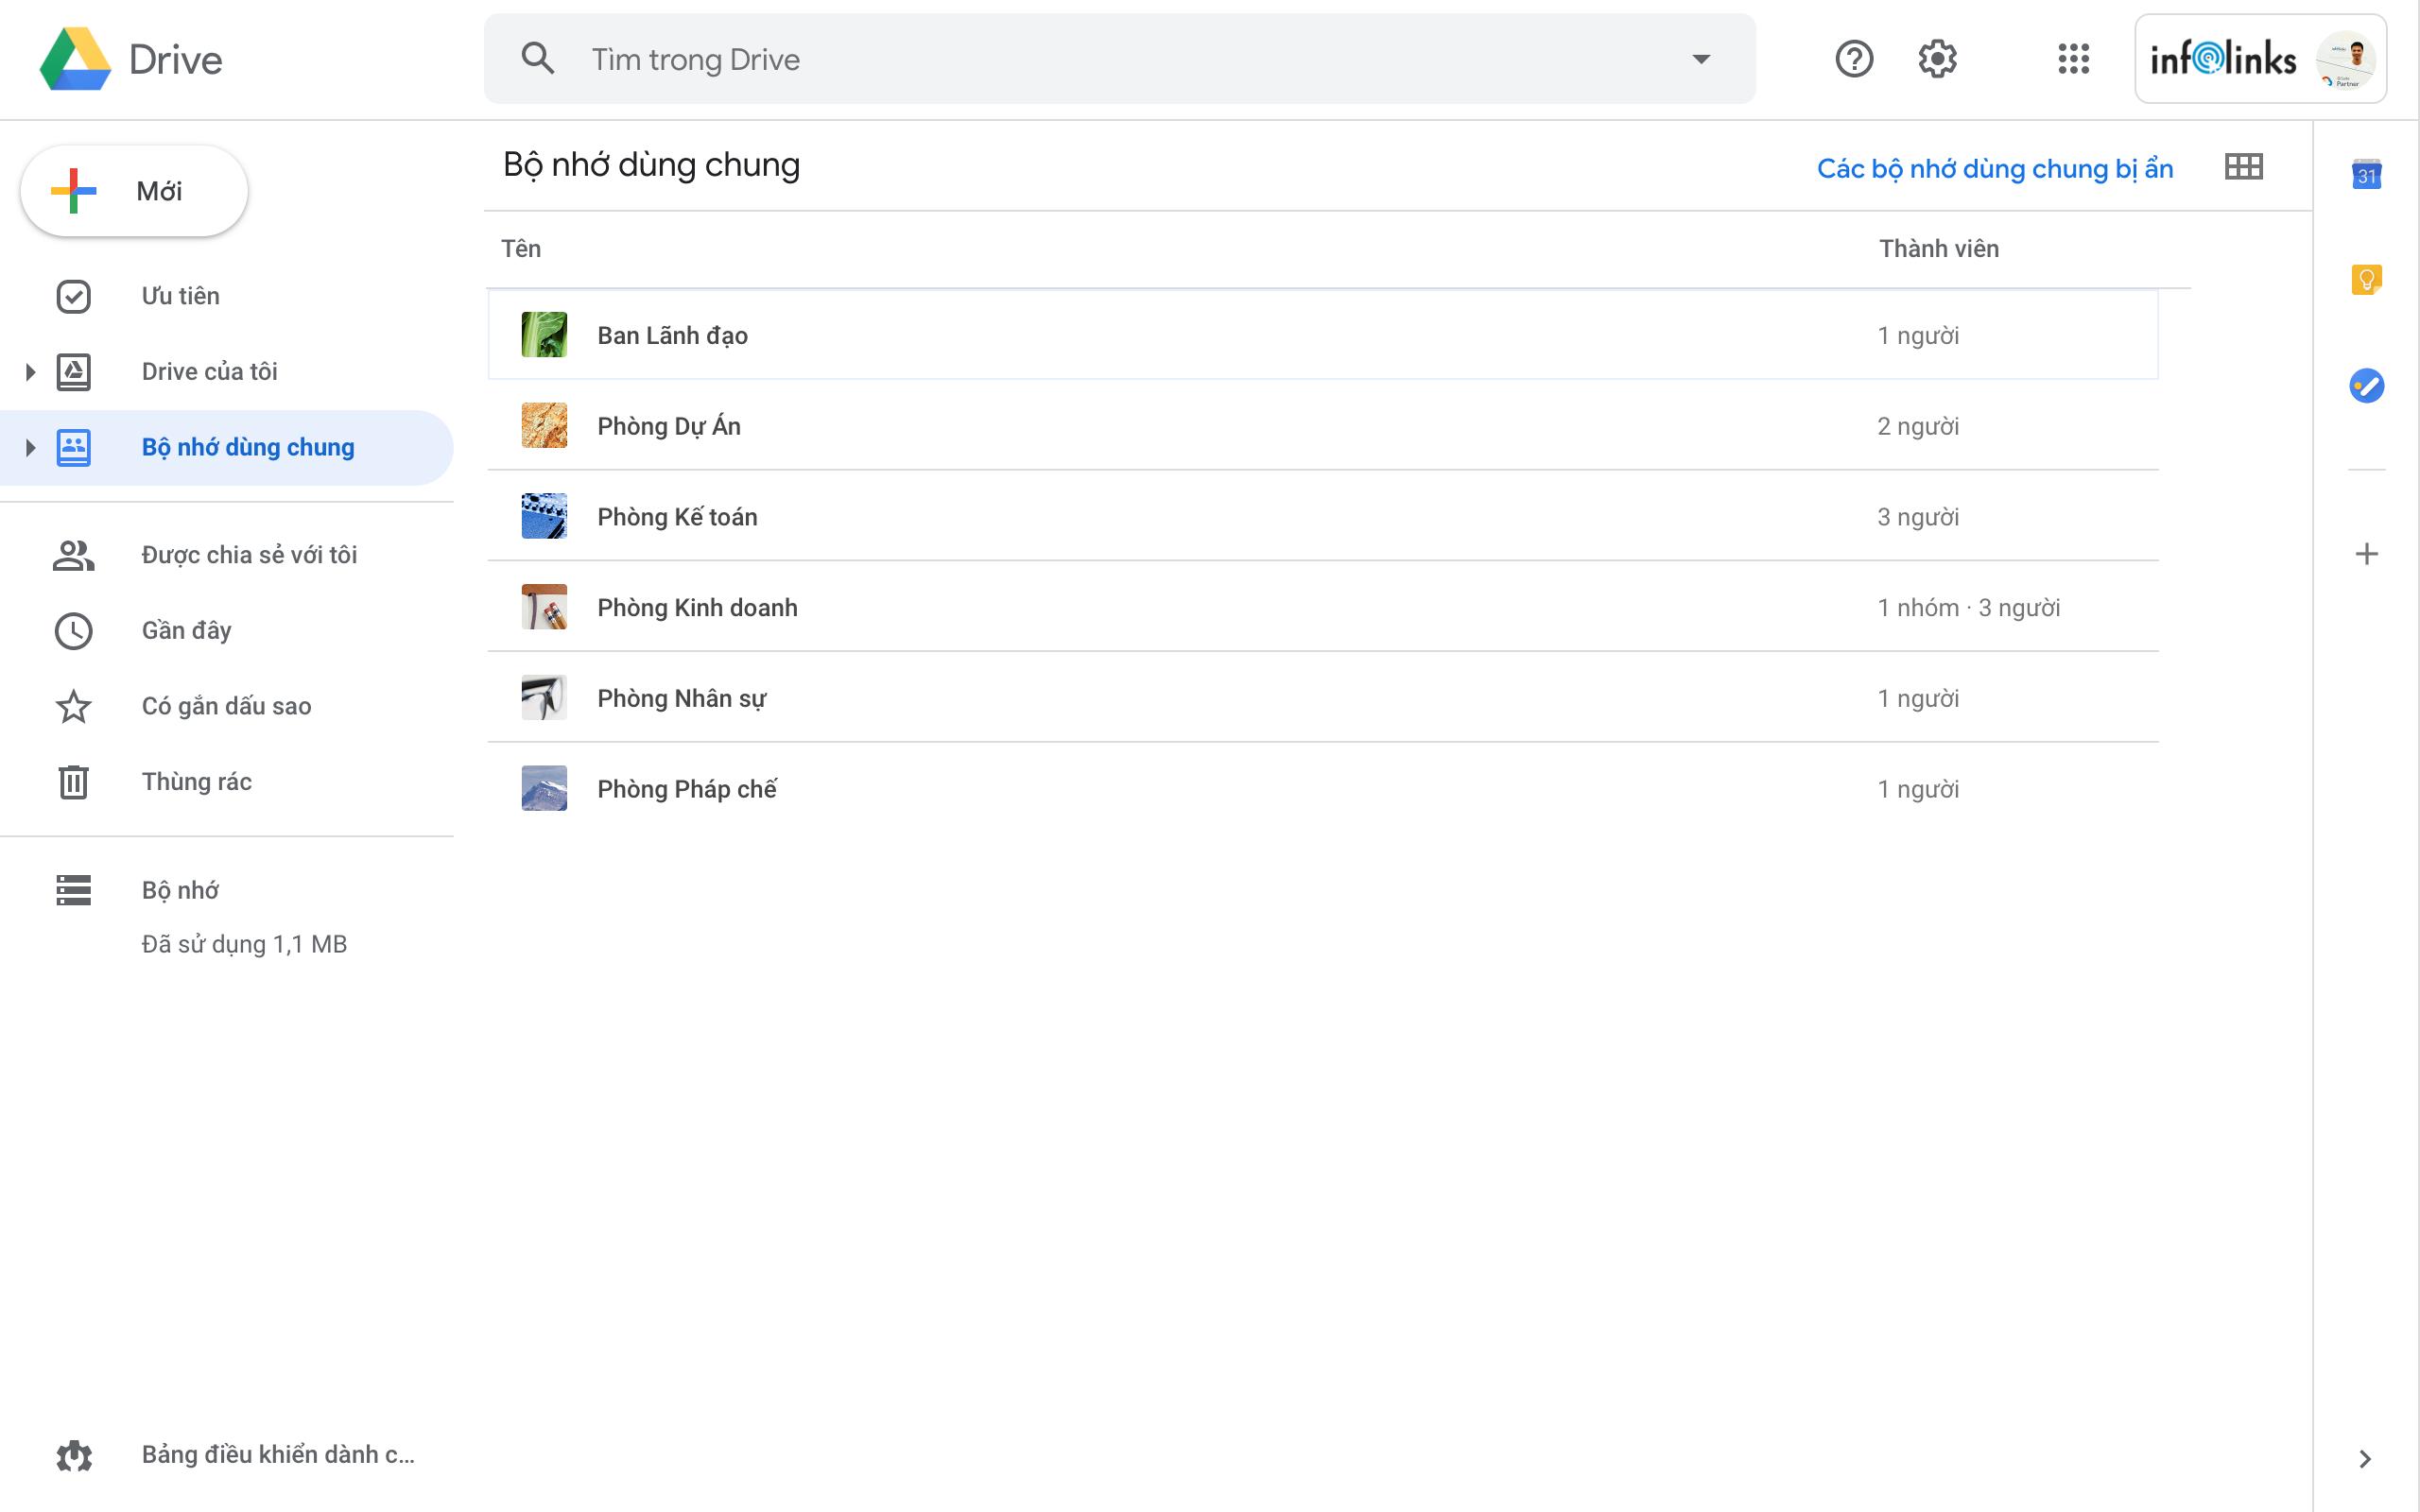 Tính năng Shared Drive (Bộ nhớ dùng chung) trong G Suite Business cho phép chia sẻ thư mục với các thành viên khác được phép upload/download/xem/sửa/xoá dữ liệu không giới hạn.